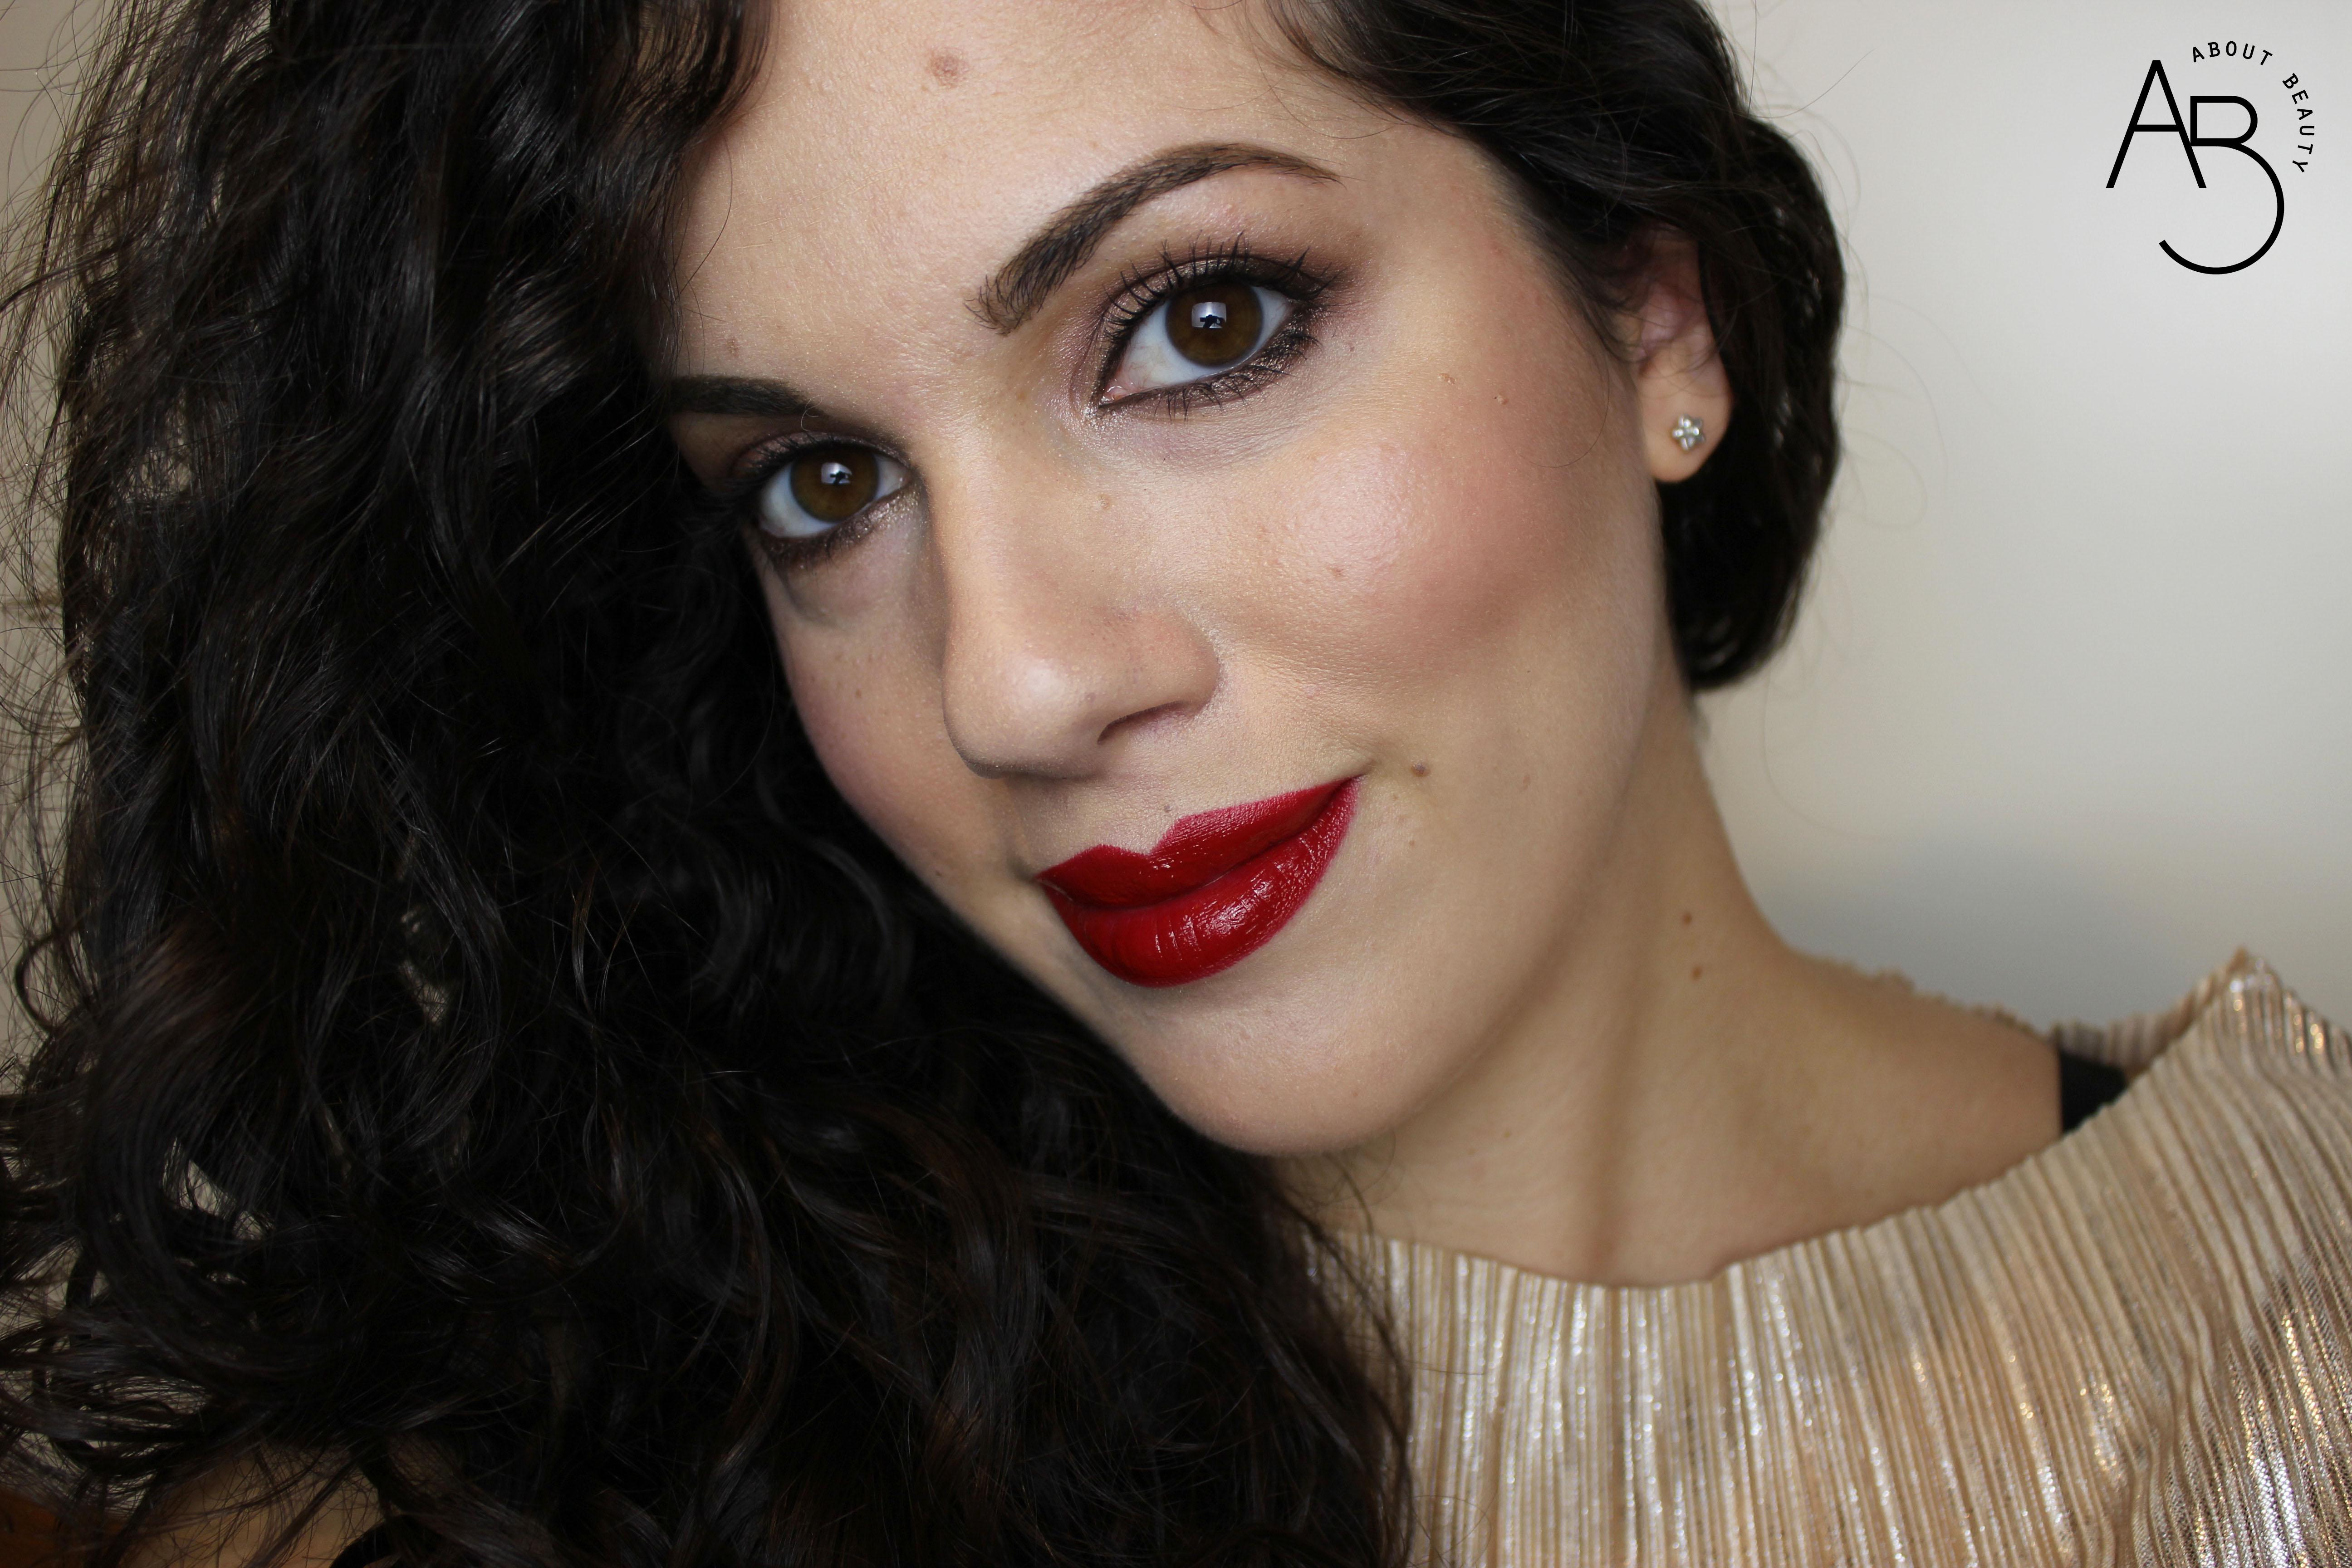 Neve Cosmetics Minimal Magical Nuova Collezione Autunno Inverno 2018 - Recensione, review, info, inci, swatches, prezzo, sconto - Make up Tutorial